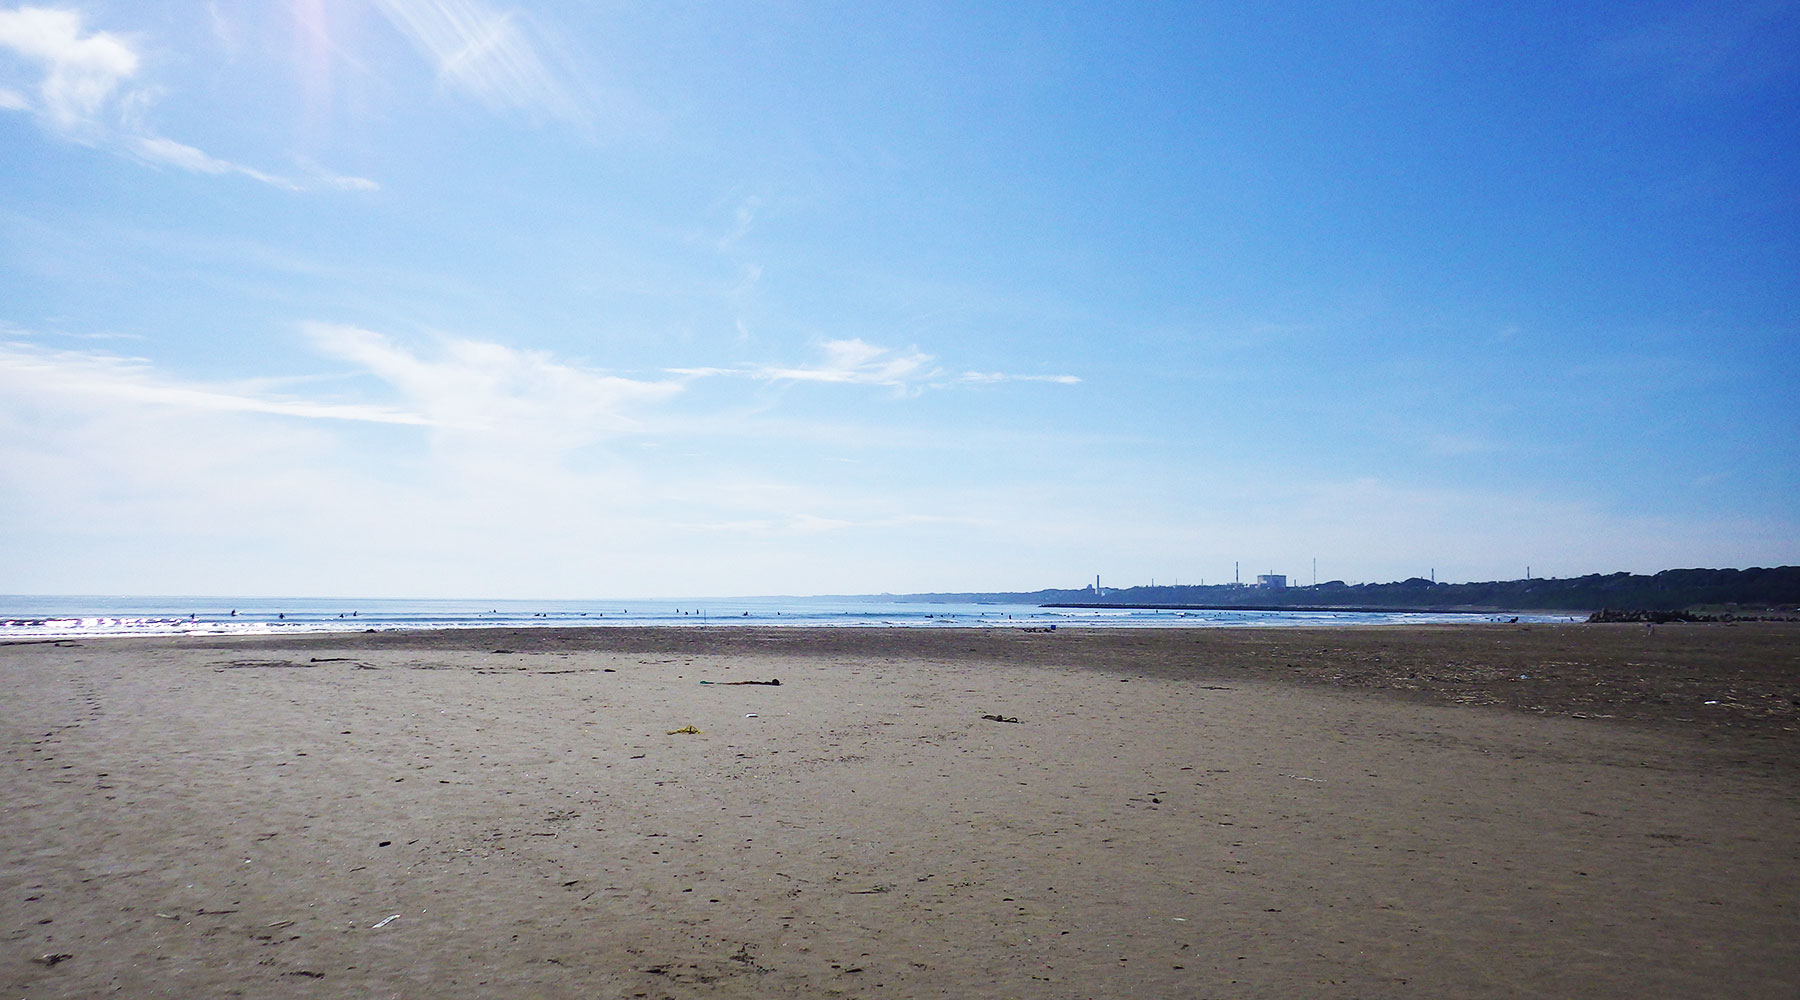 大洗サンビーチの砂浜